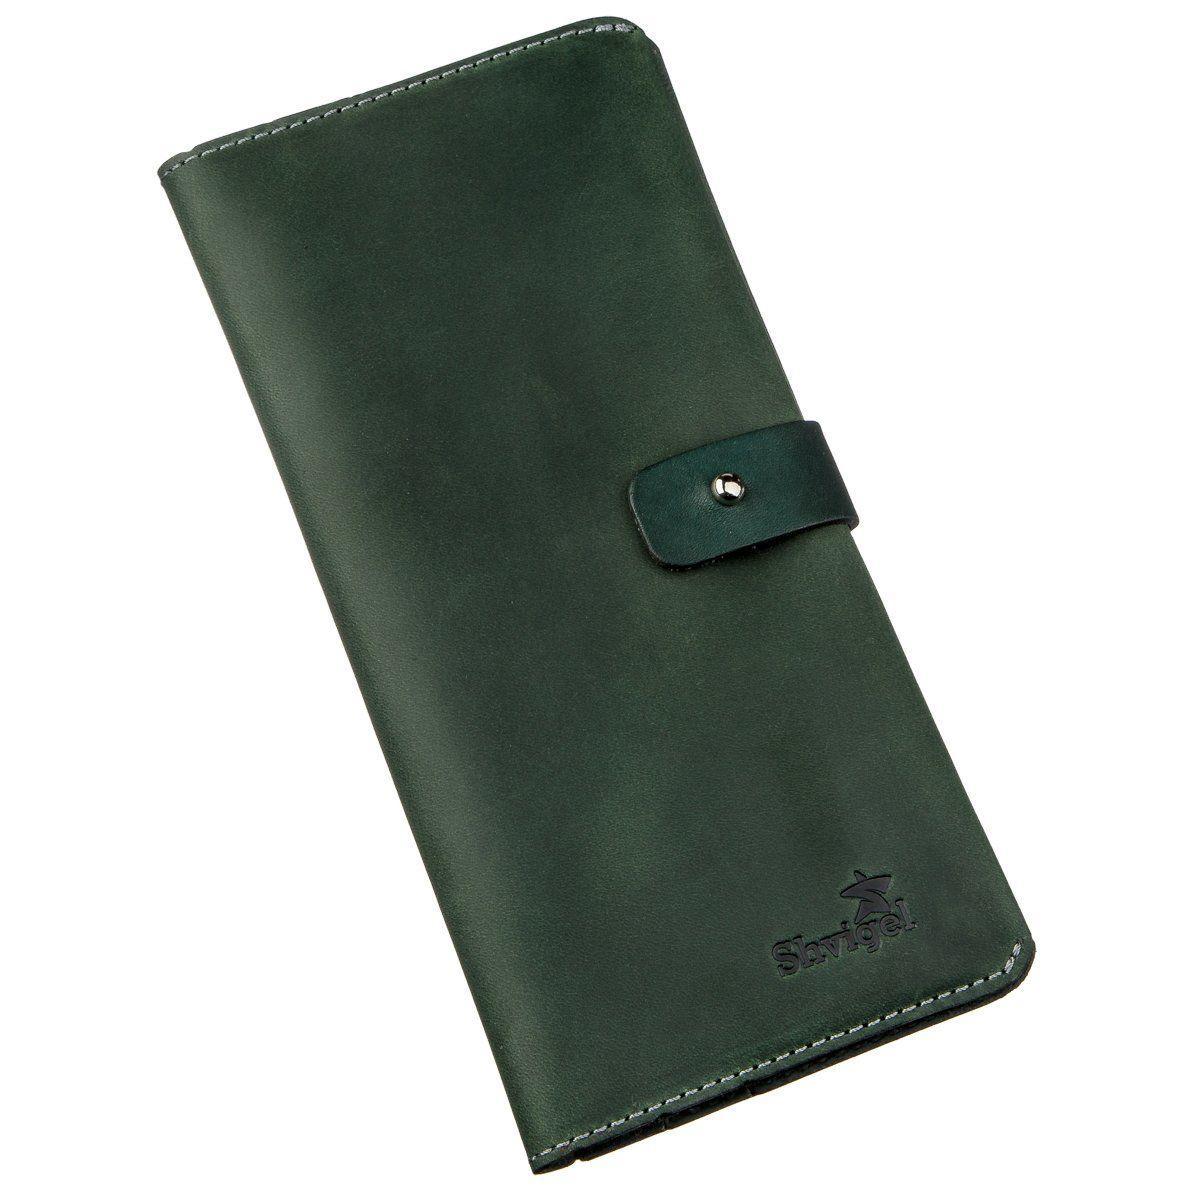 Бумажник из винтажной кожи SHVIGEL 16206 Зеленый, Зеленый